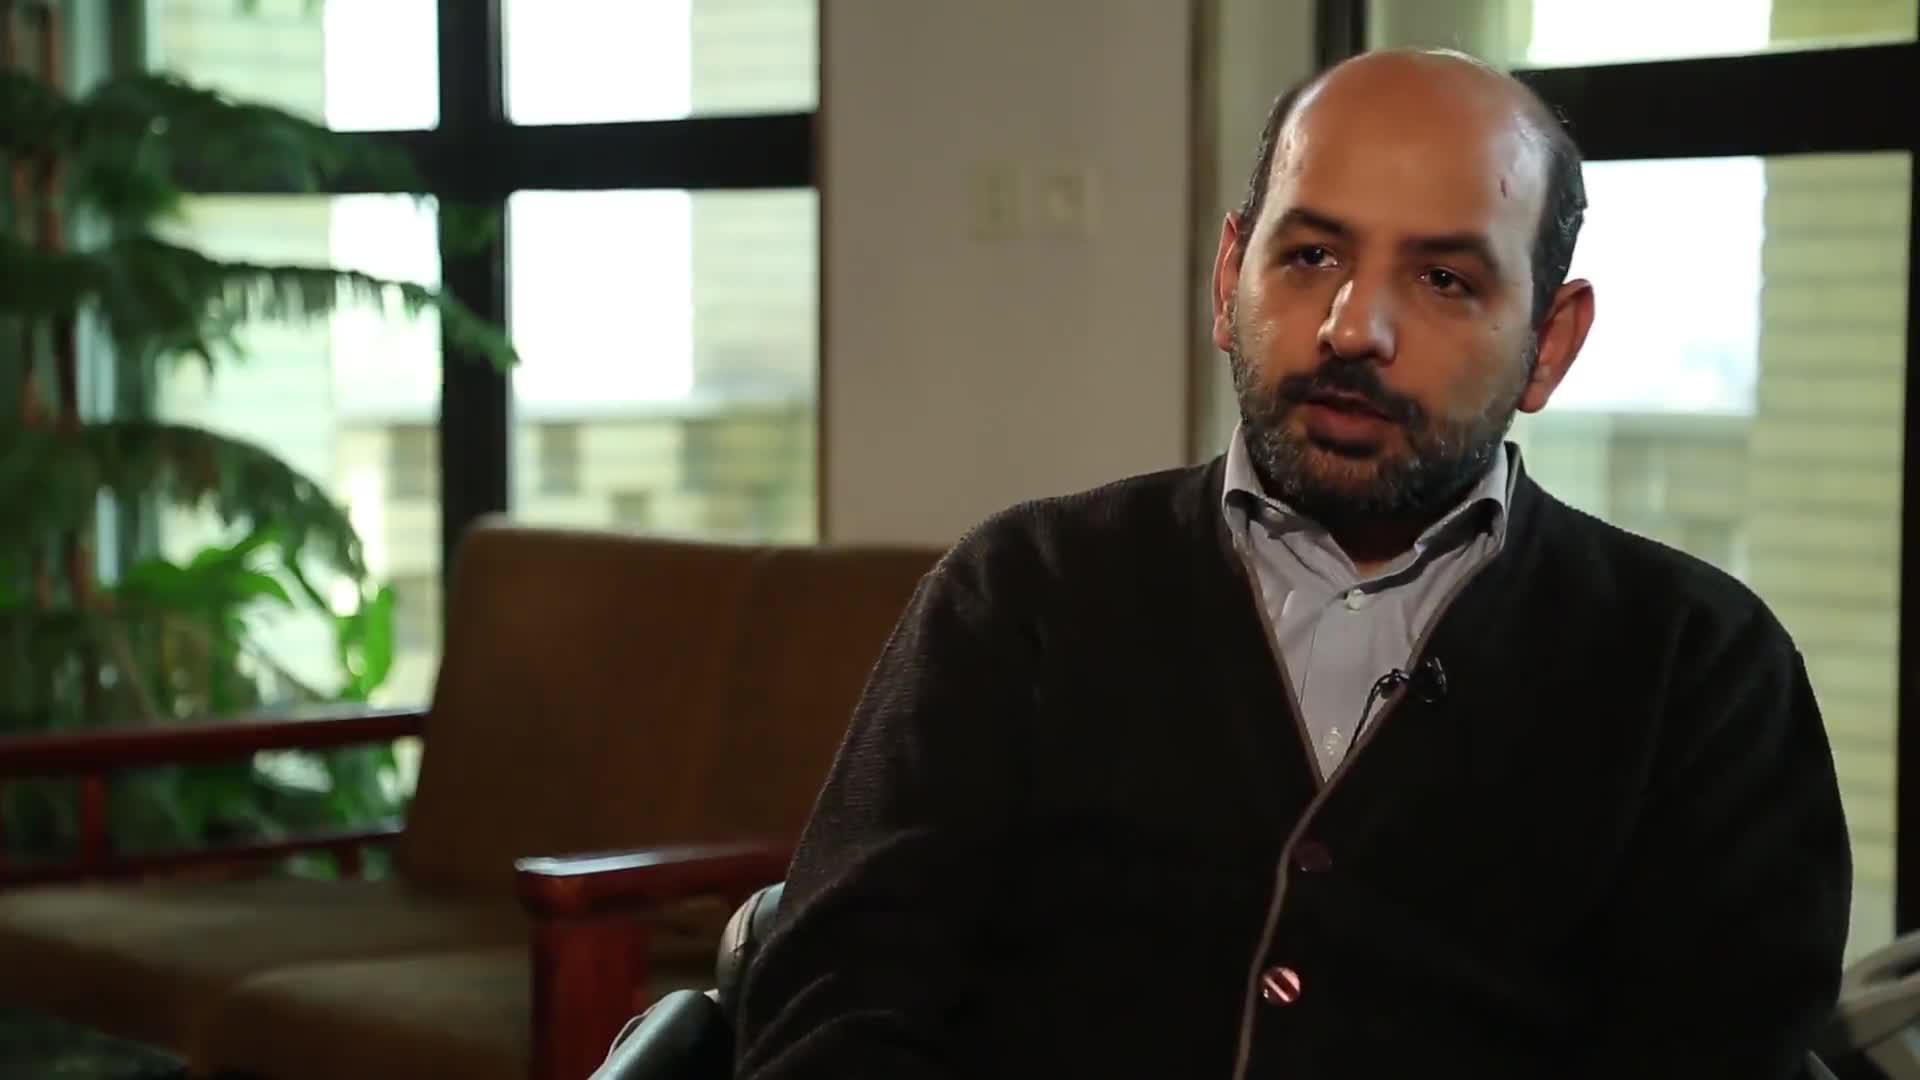 هجمه رسانه ای آمریکا ضد ایران ، نیاز به قرارگاه فراقوهای دارد